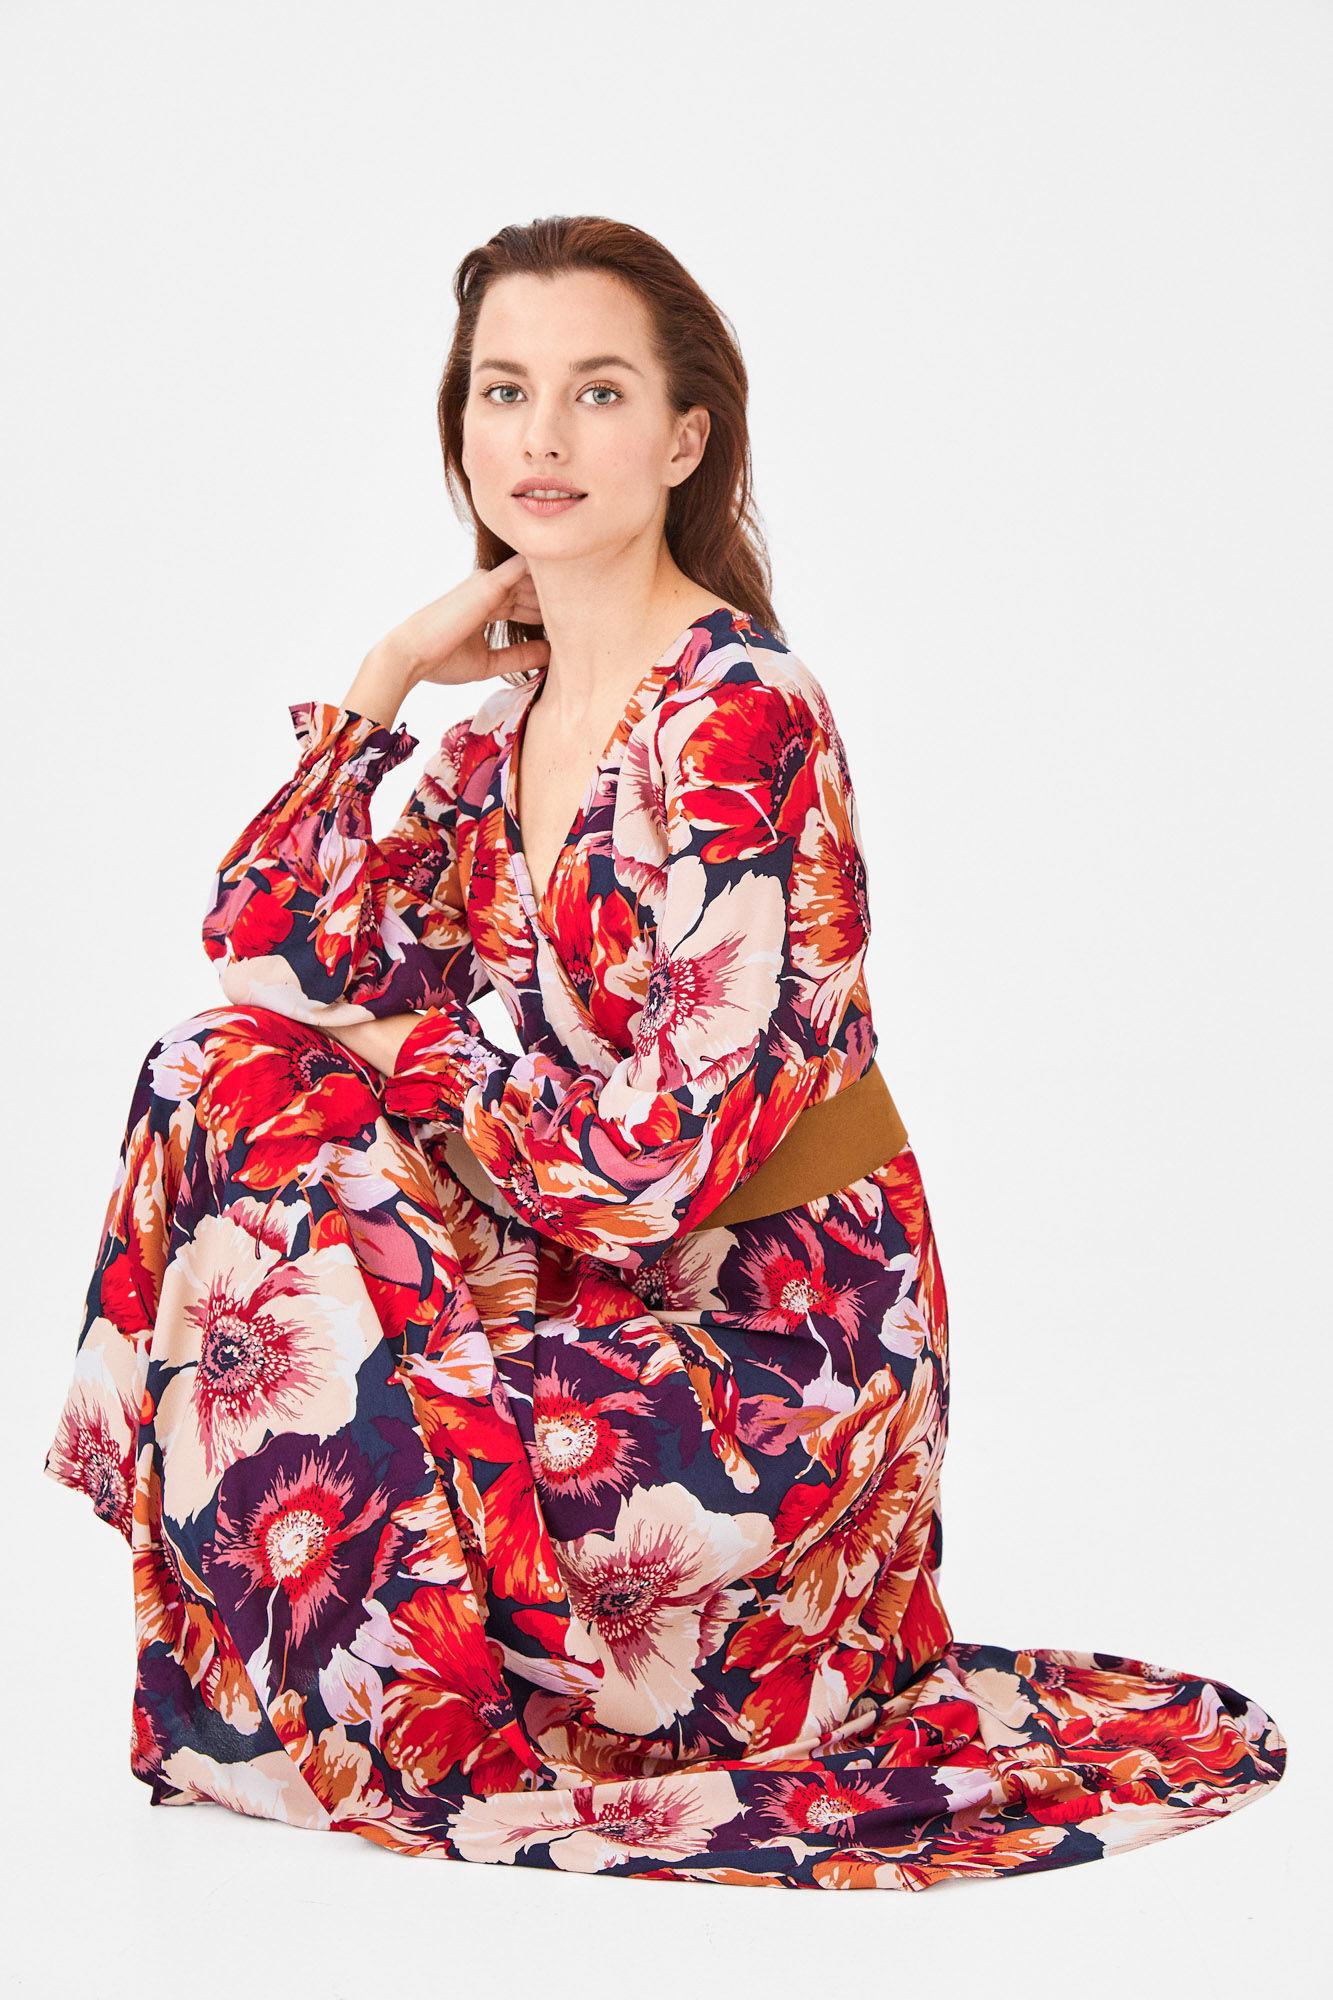 bcf577b5ef Cortefiel mujer tiene estos 15 vestidos tan bonitos de nueva temporada (y  también en rebajas) para lucir en primavera